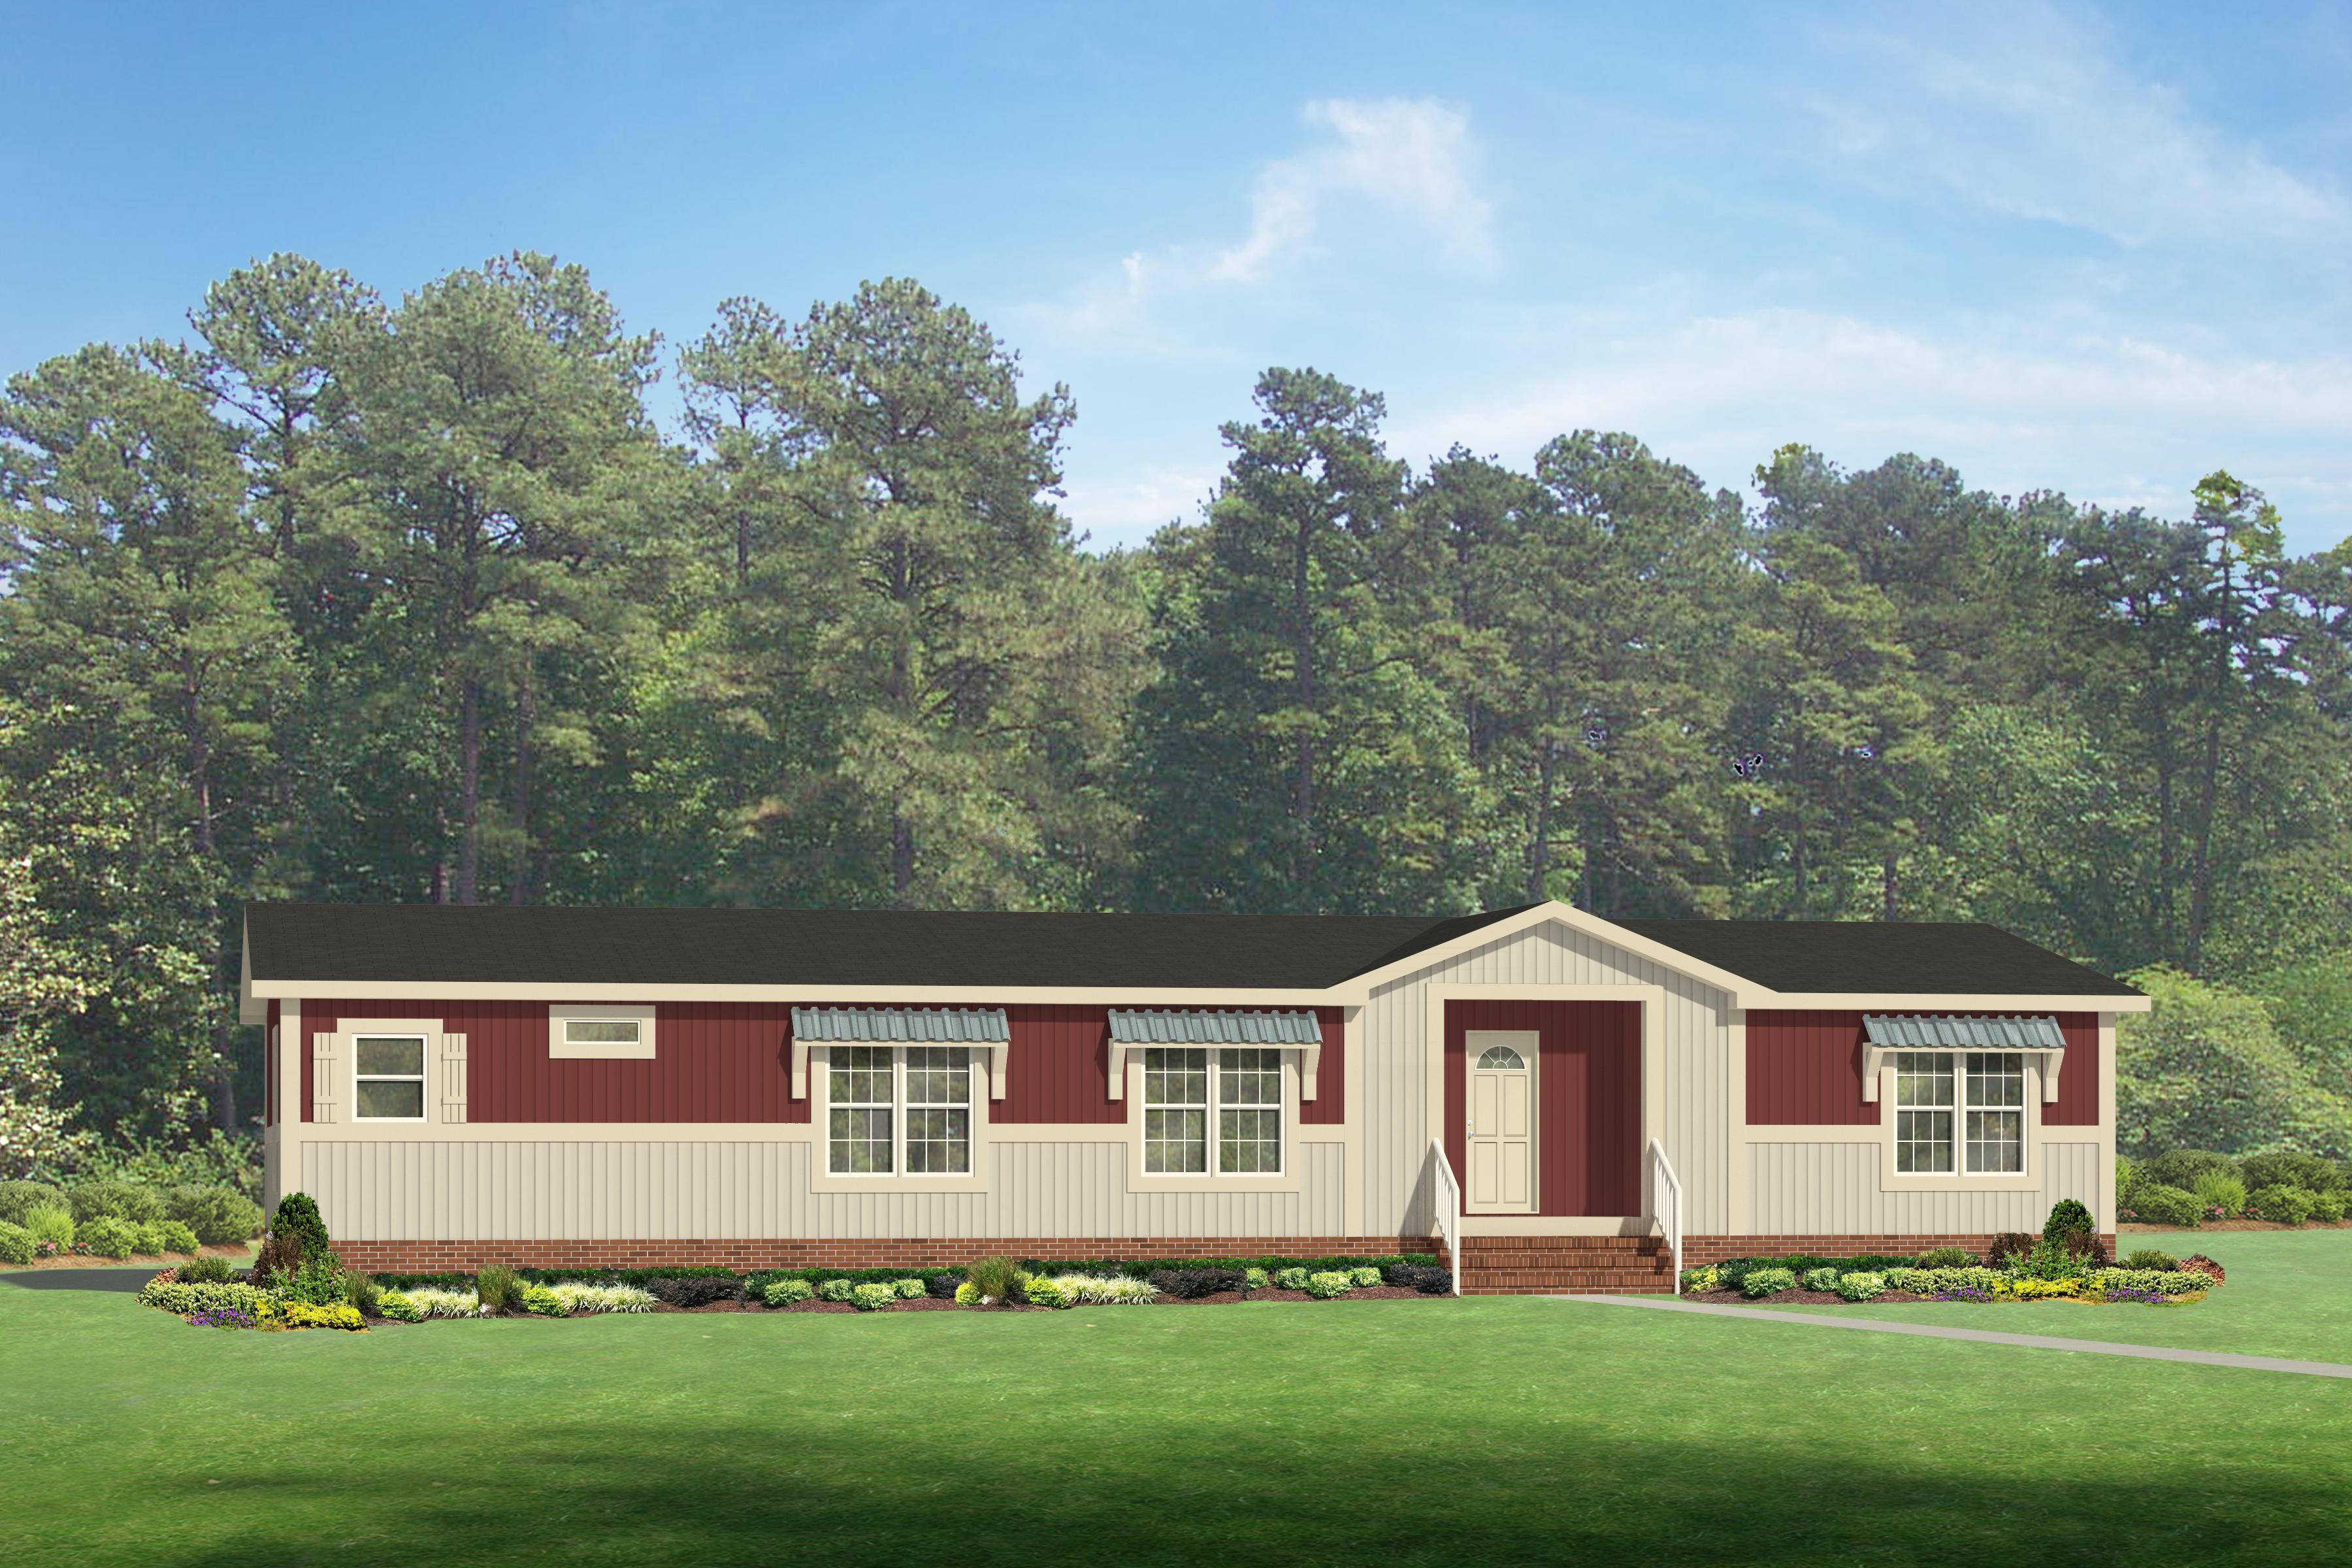 Clayton Homes In Lufkin Tx 75901